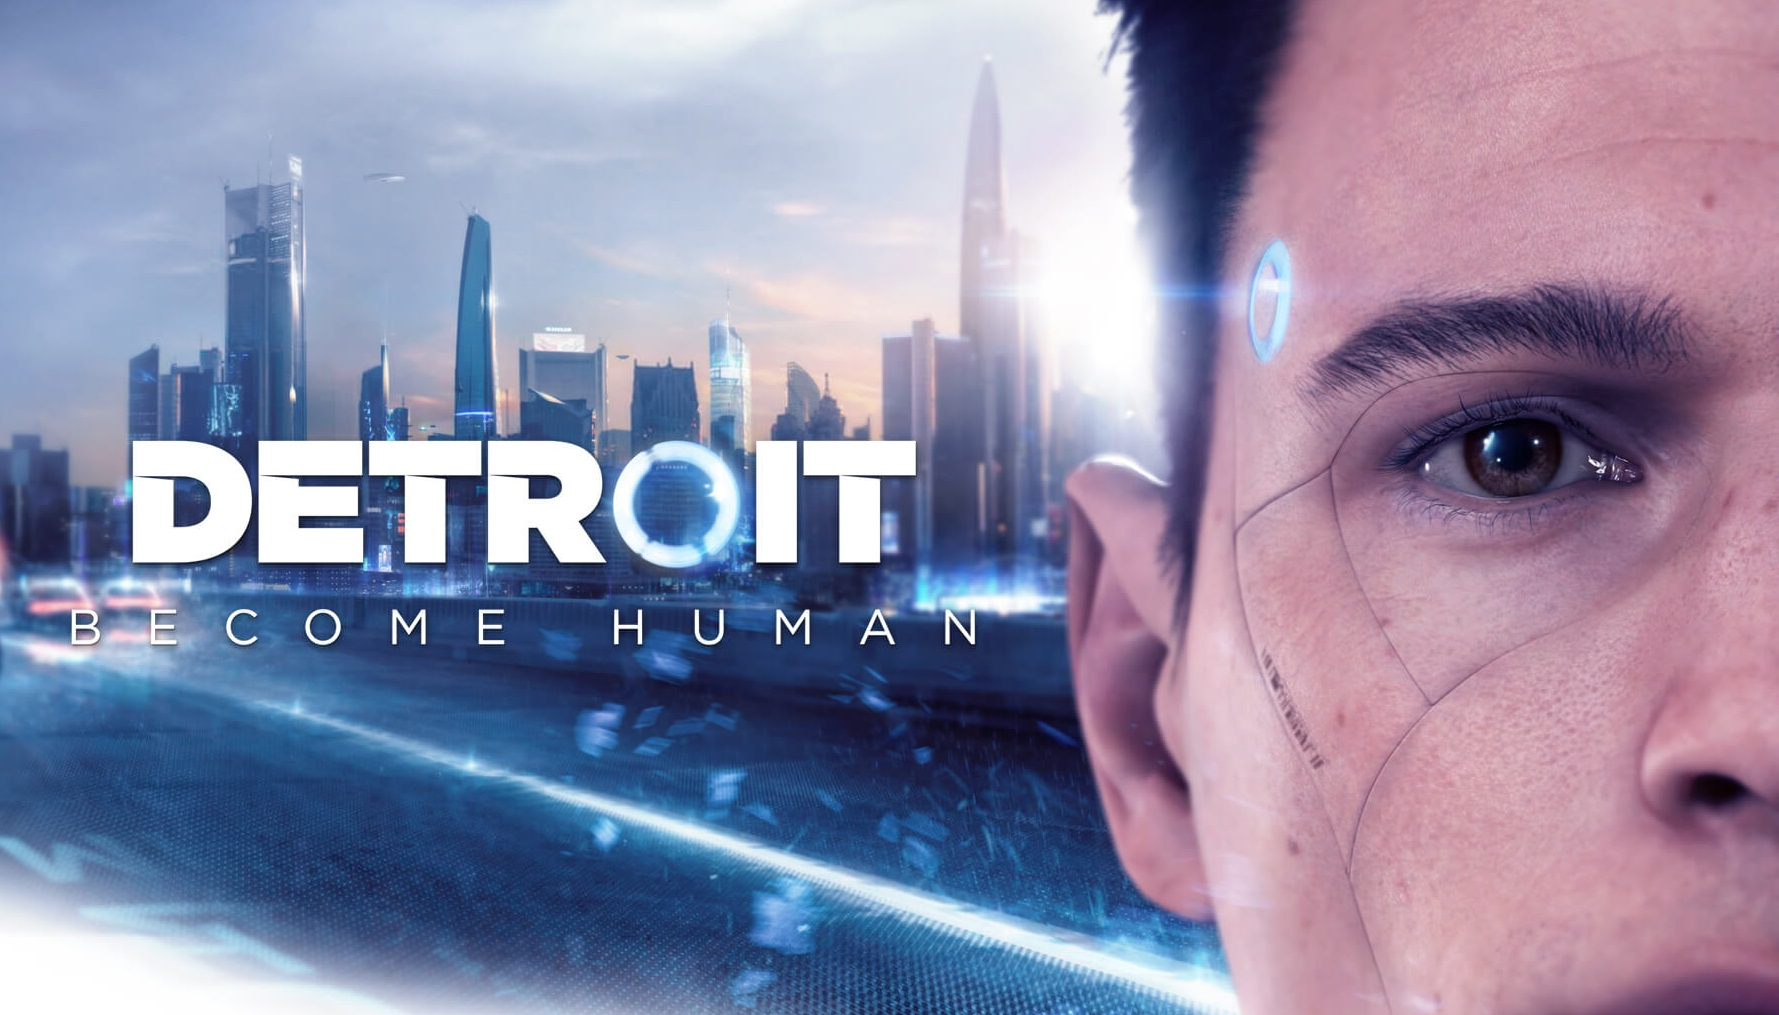 Detroit: Become Human e Robert Legato nella nuova puntata di Wonderland su Rai 4